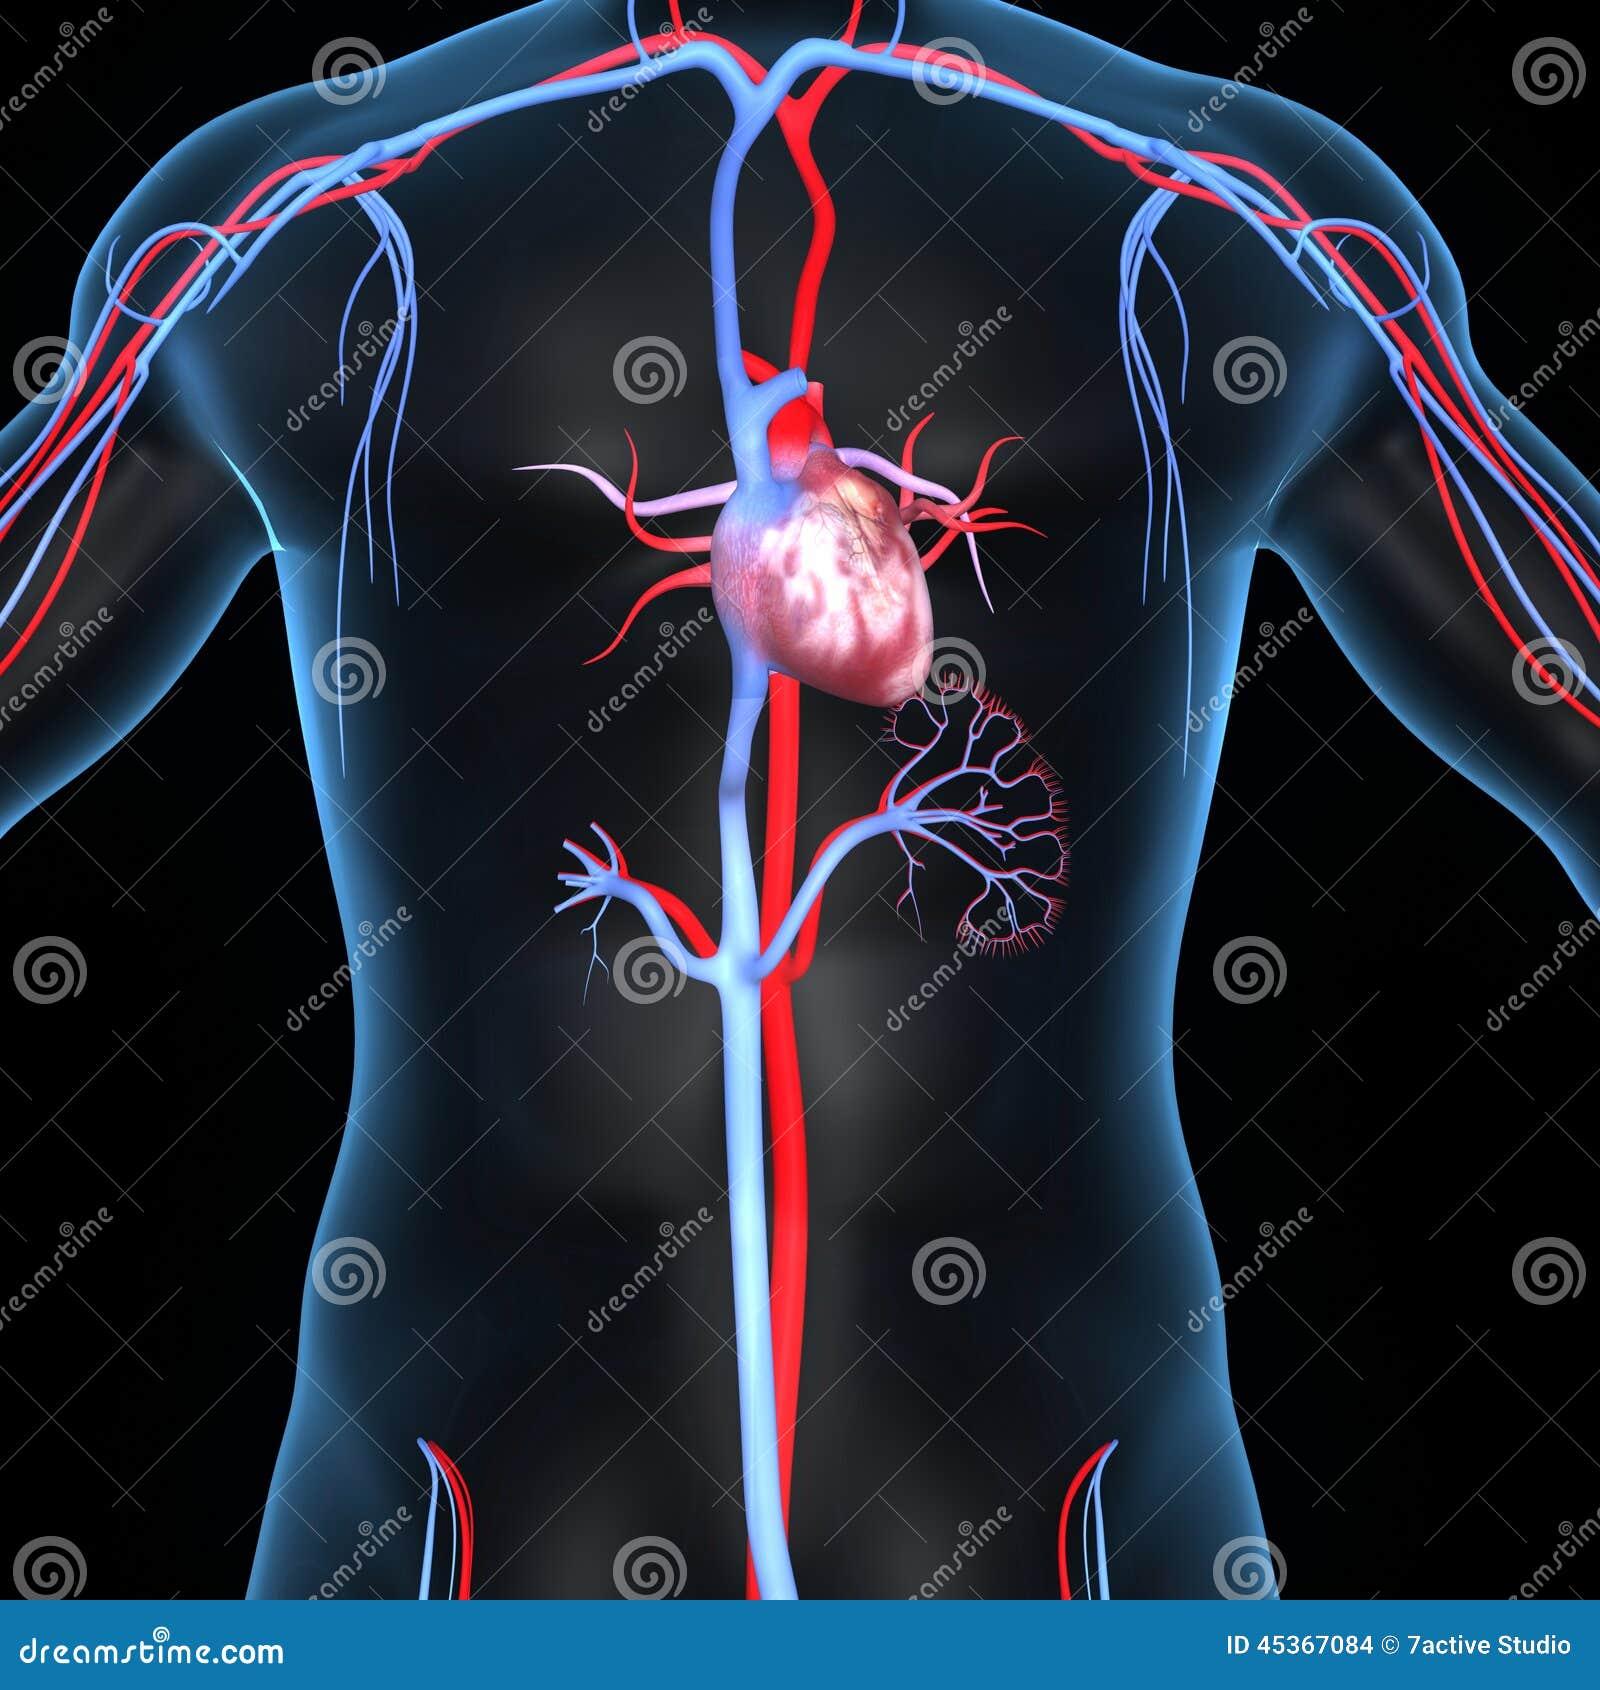 Coeur Avec Des Arteres Et Des Veines Illustration Stock Illustration Du Coeur Avec 45367084